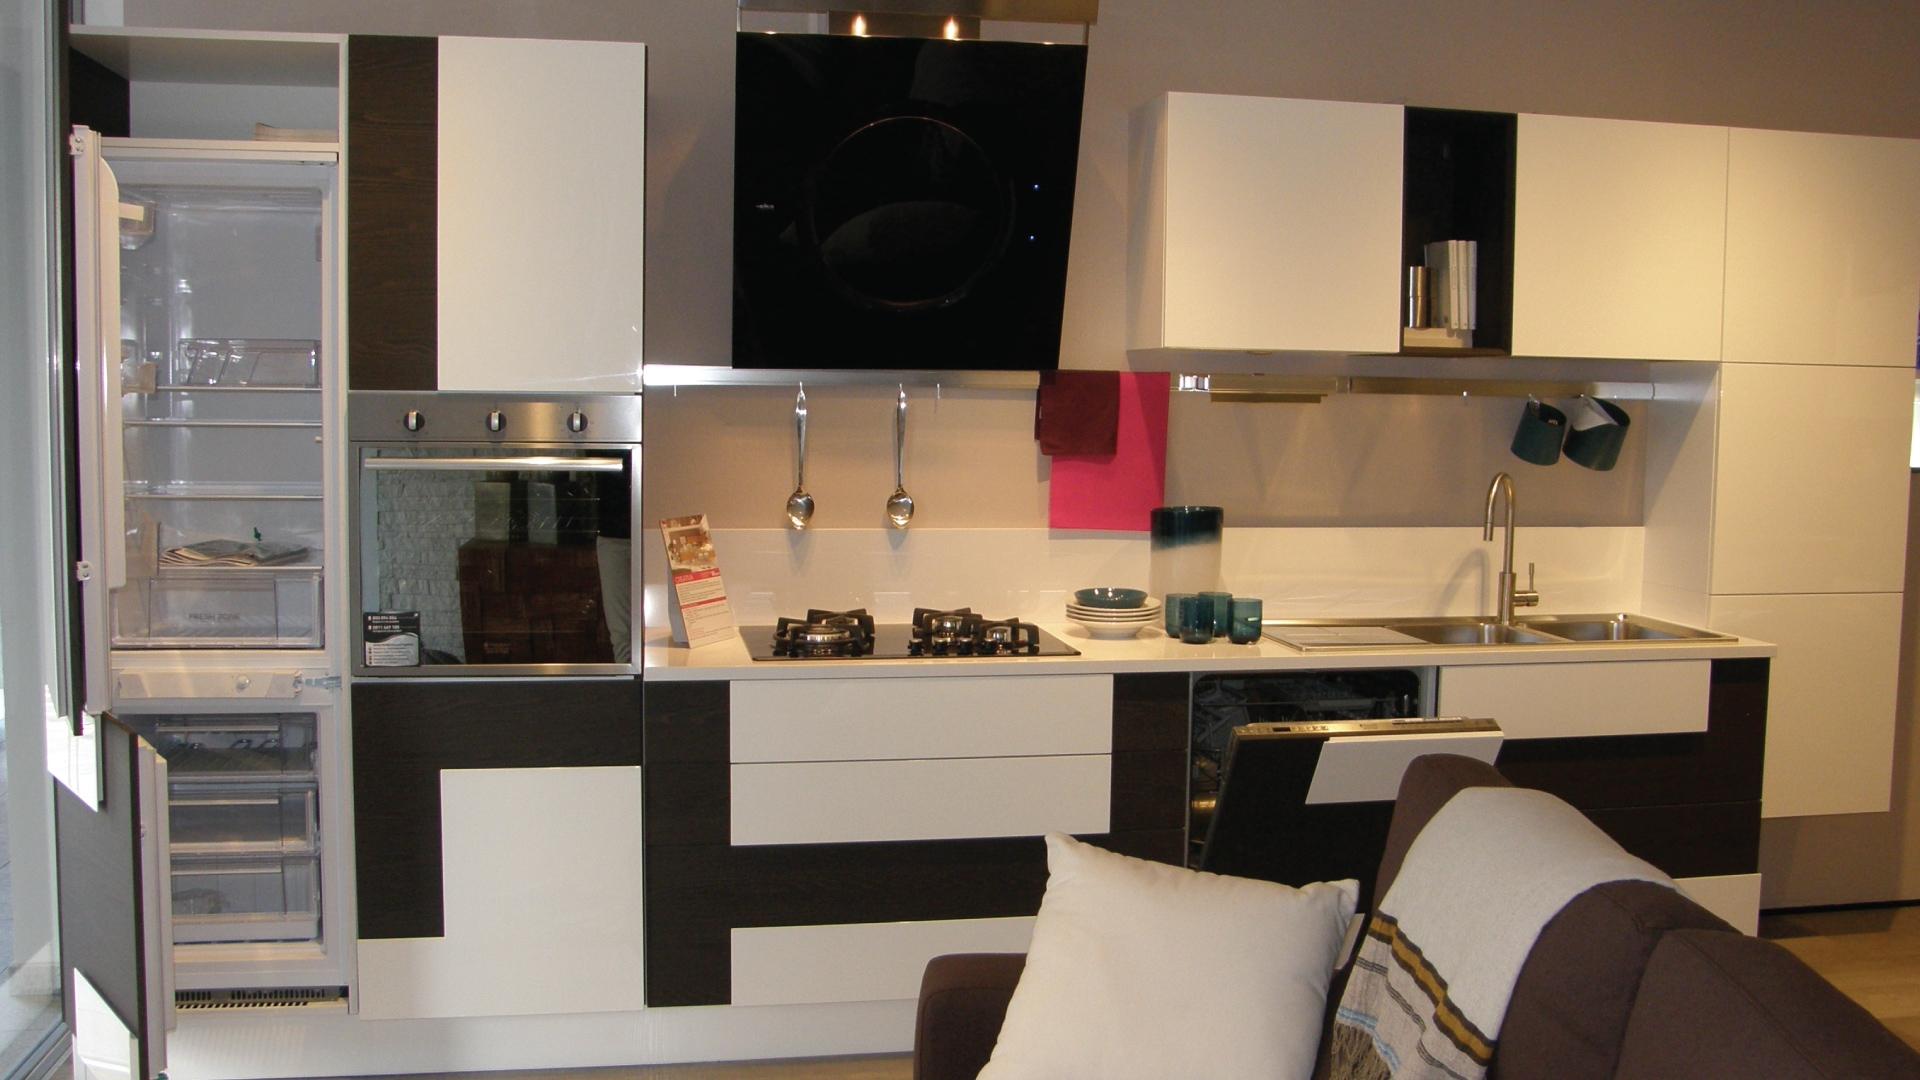 Cucina LUBE Moderna Lineare Modello Creativa Scontata del 50 ...